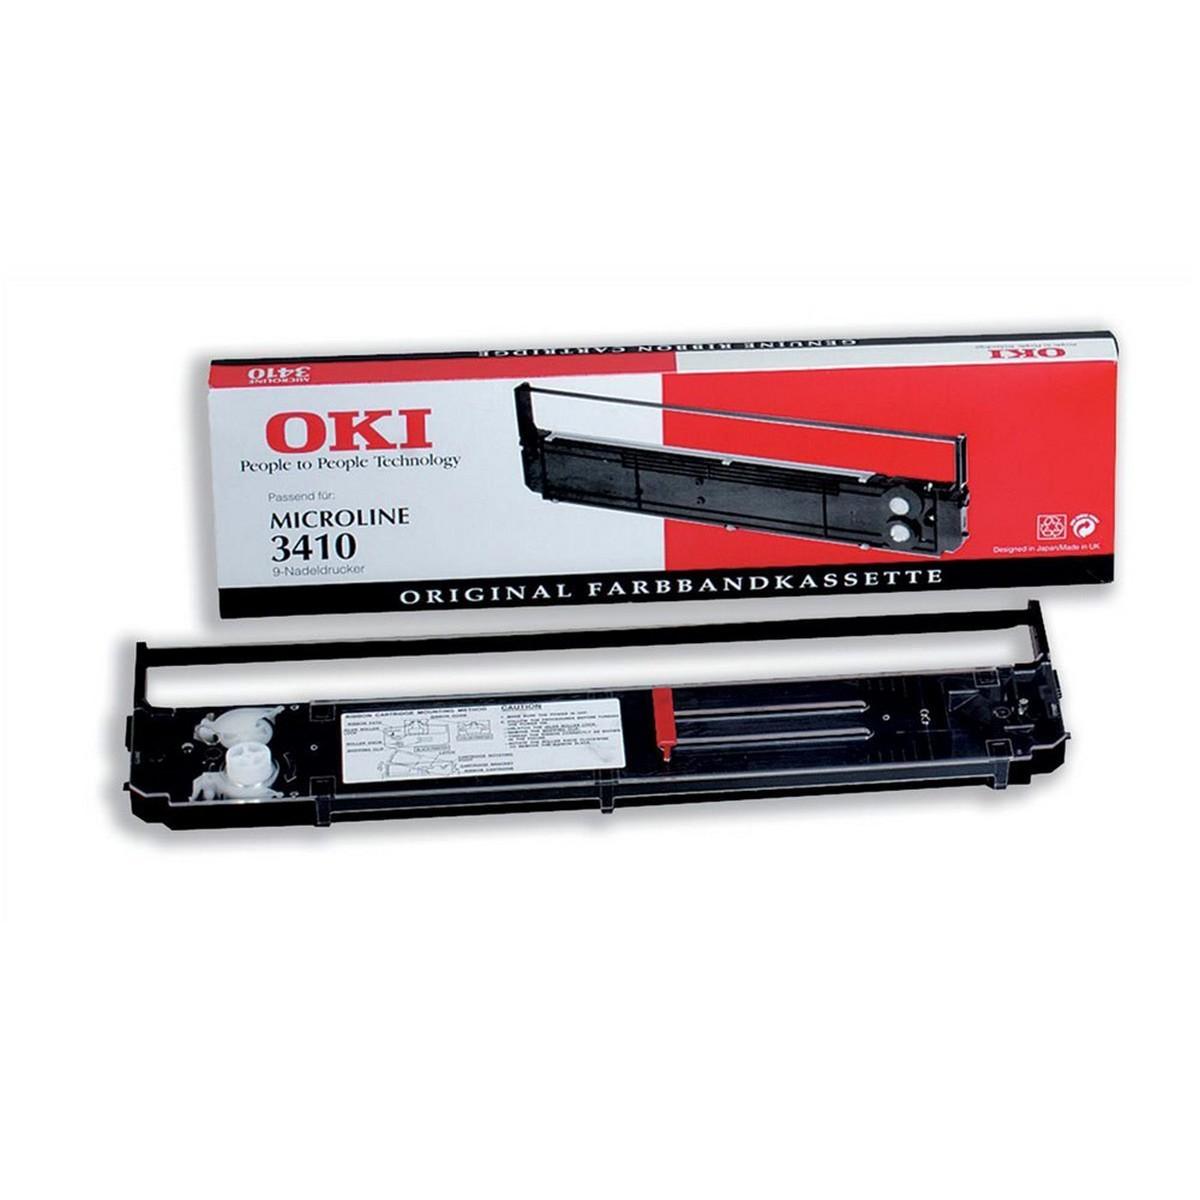 OKI ML3410